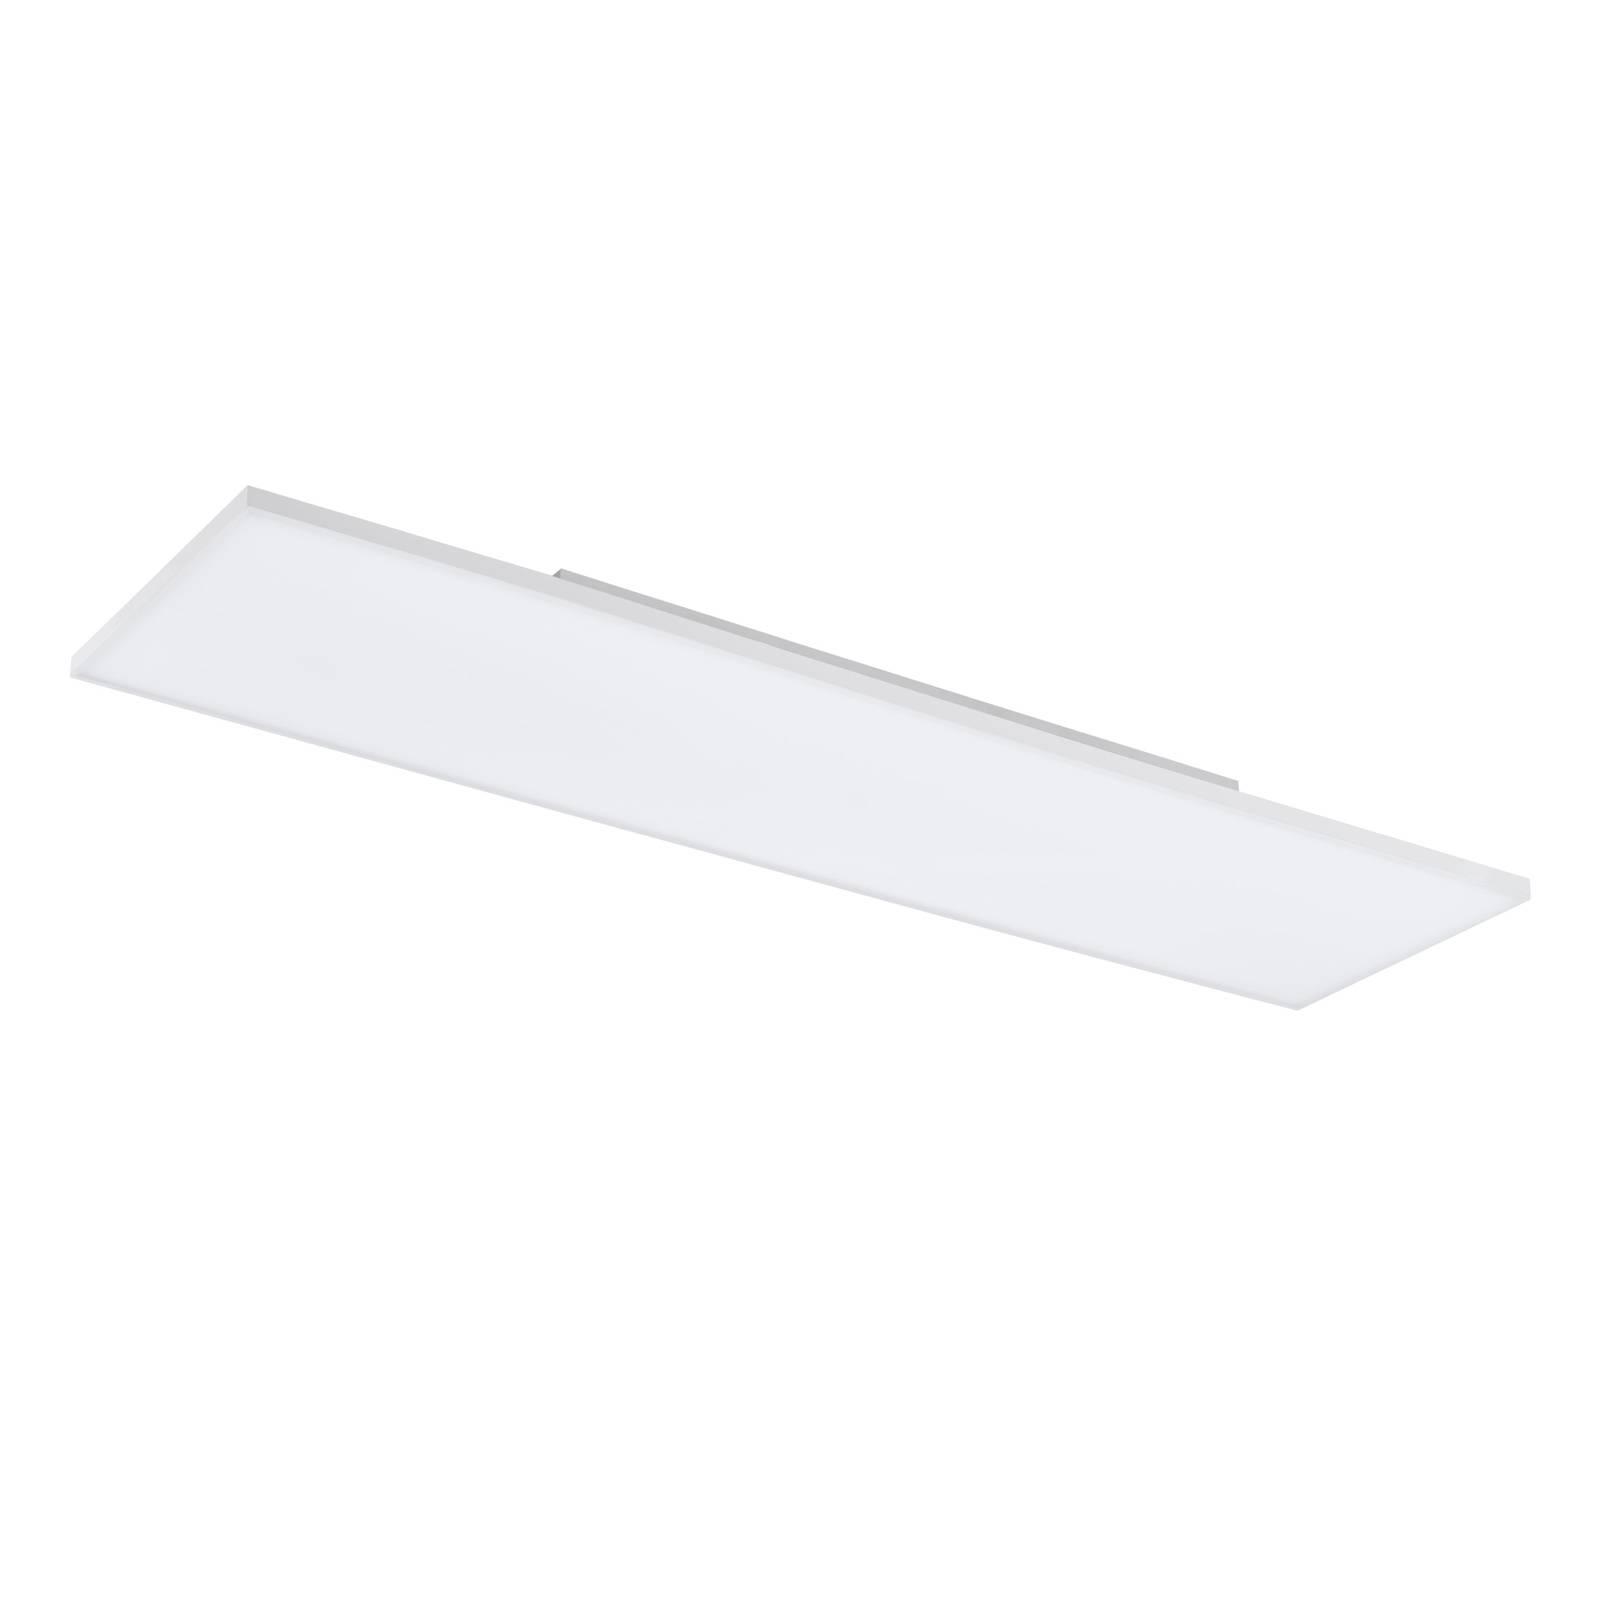 LED-kattovalaisin Turcona, 120 x 30 cm